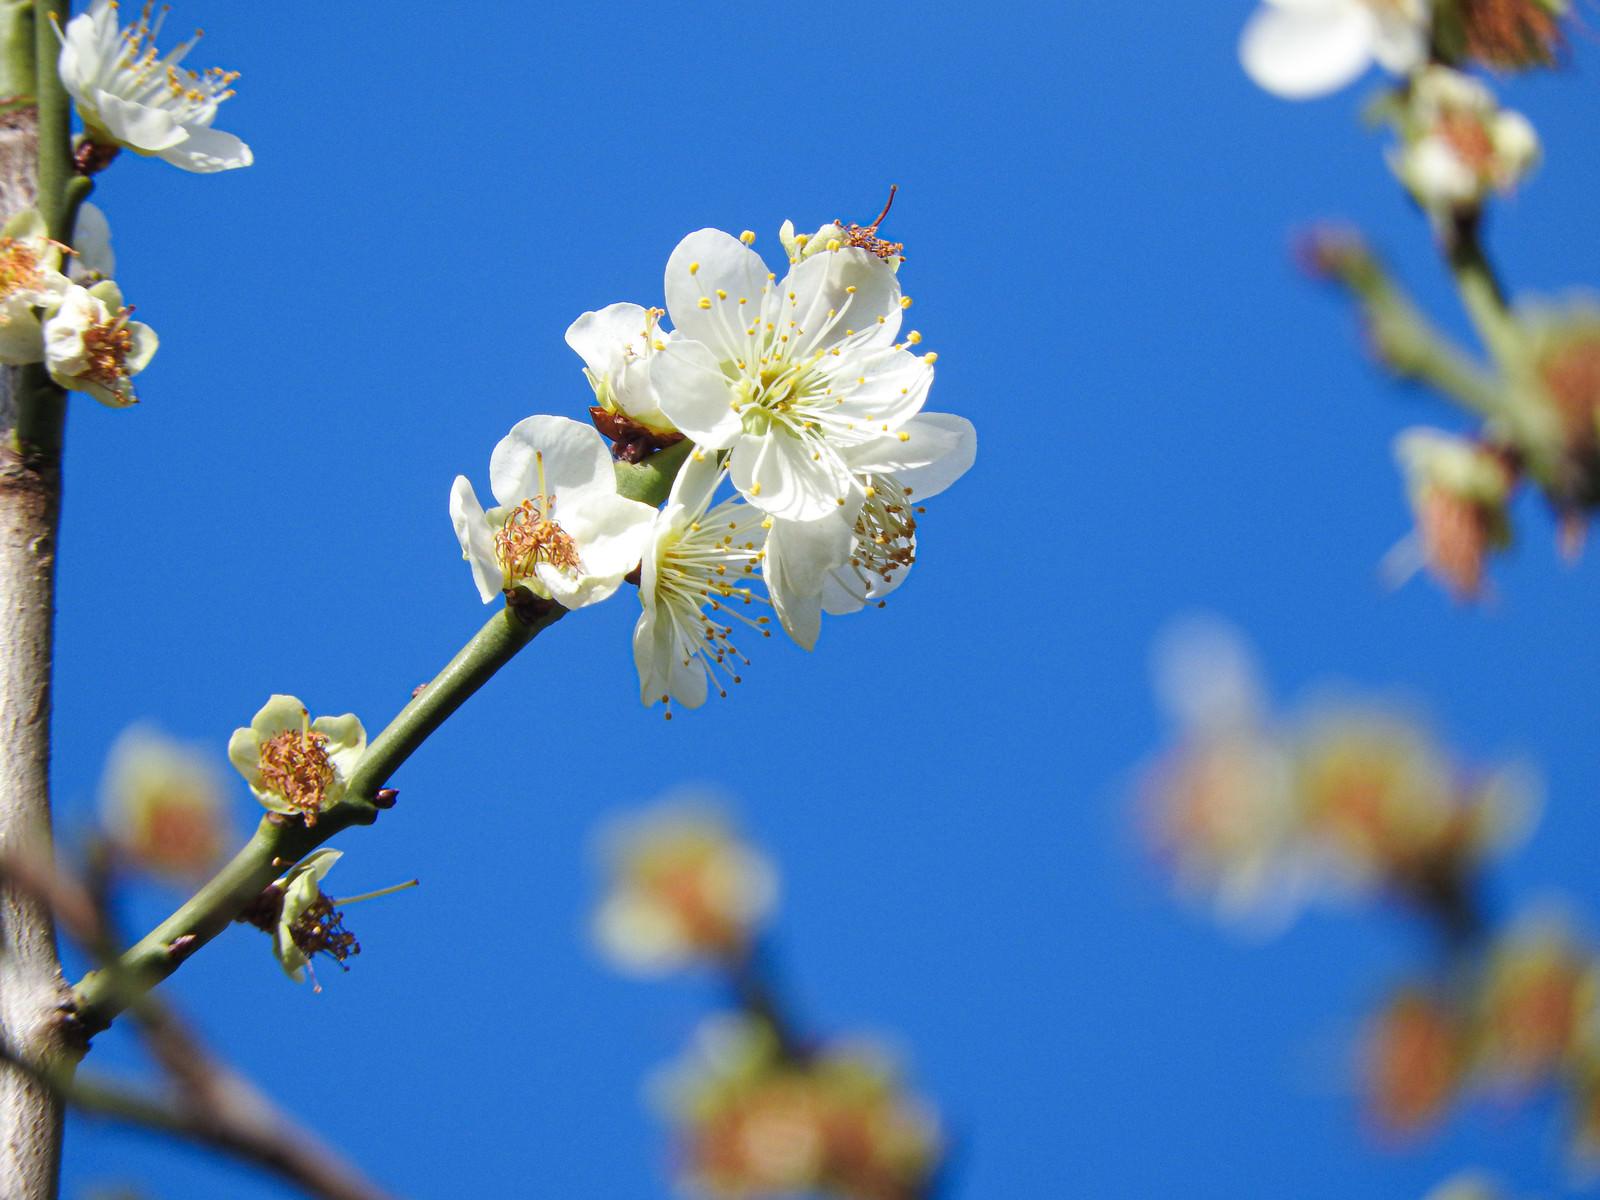 「開花した白梅と青空」の写真